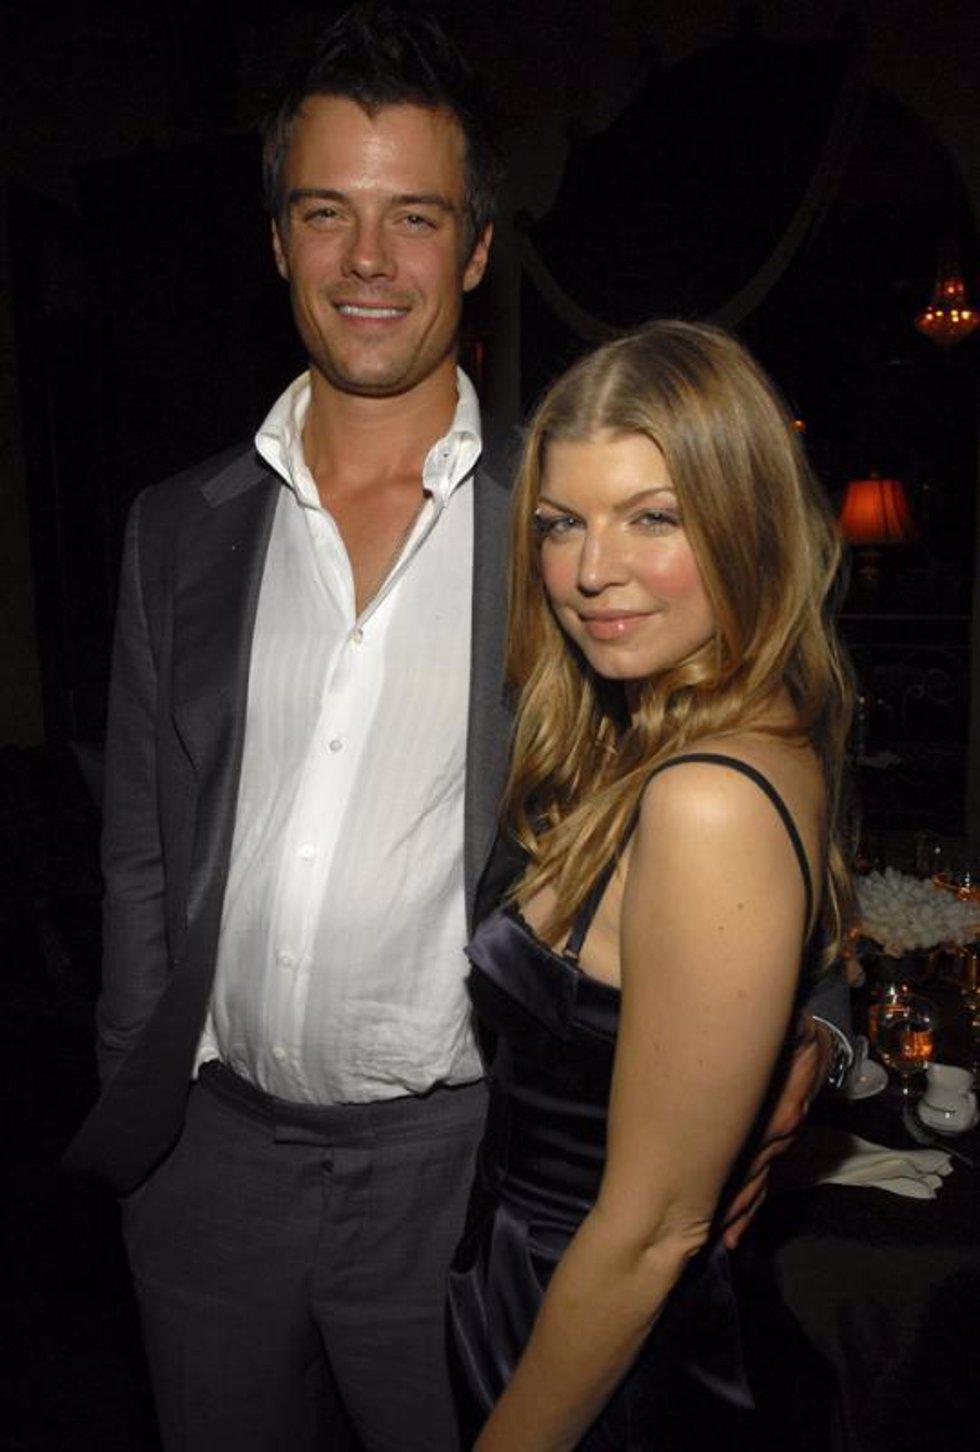 El actor Josh Duhamel y la cantante Fergie